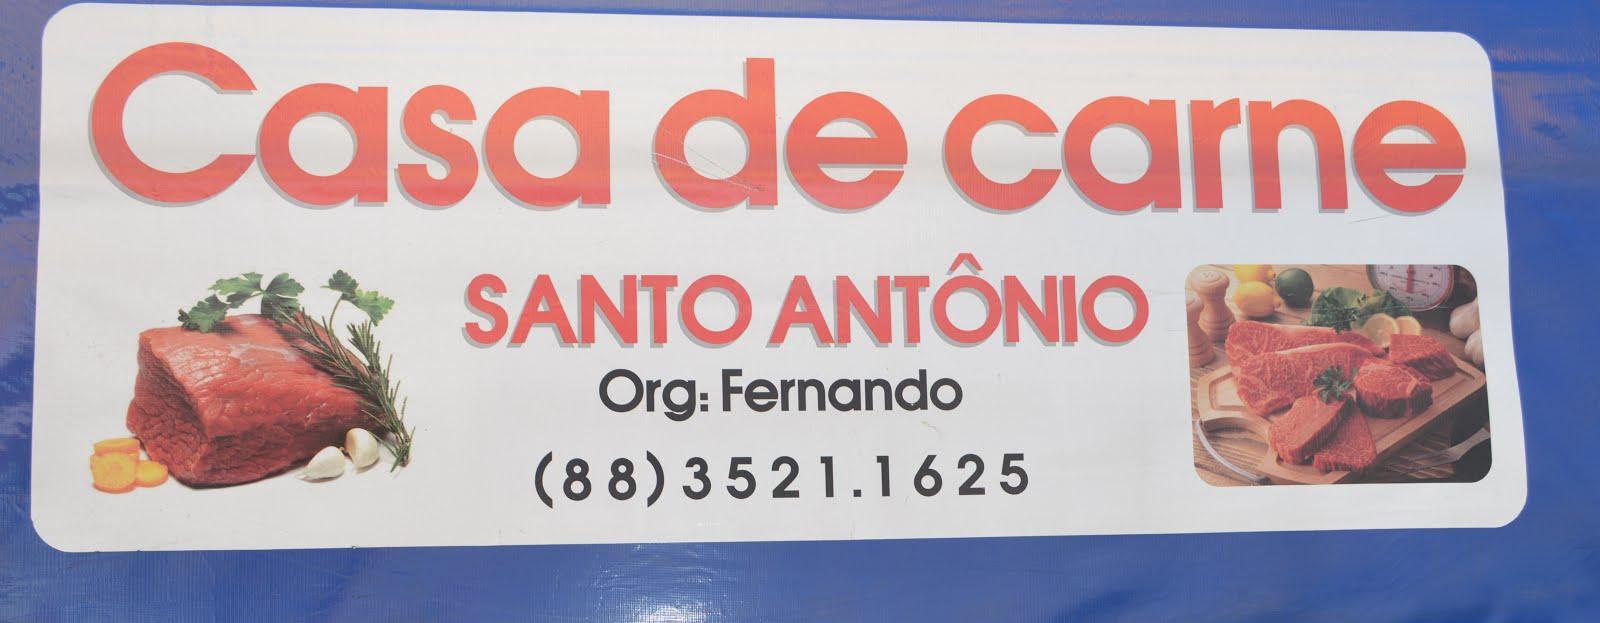 CASA DE CARNES SANTO ANTONIO